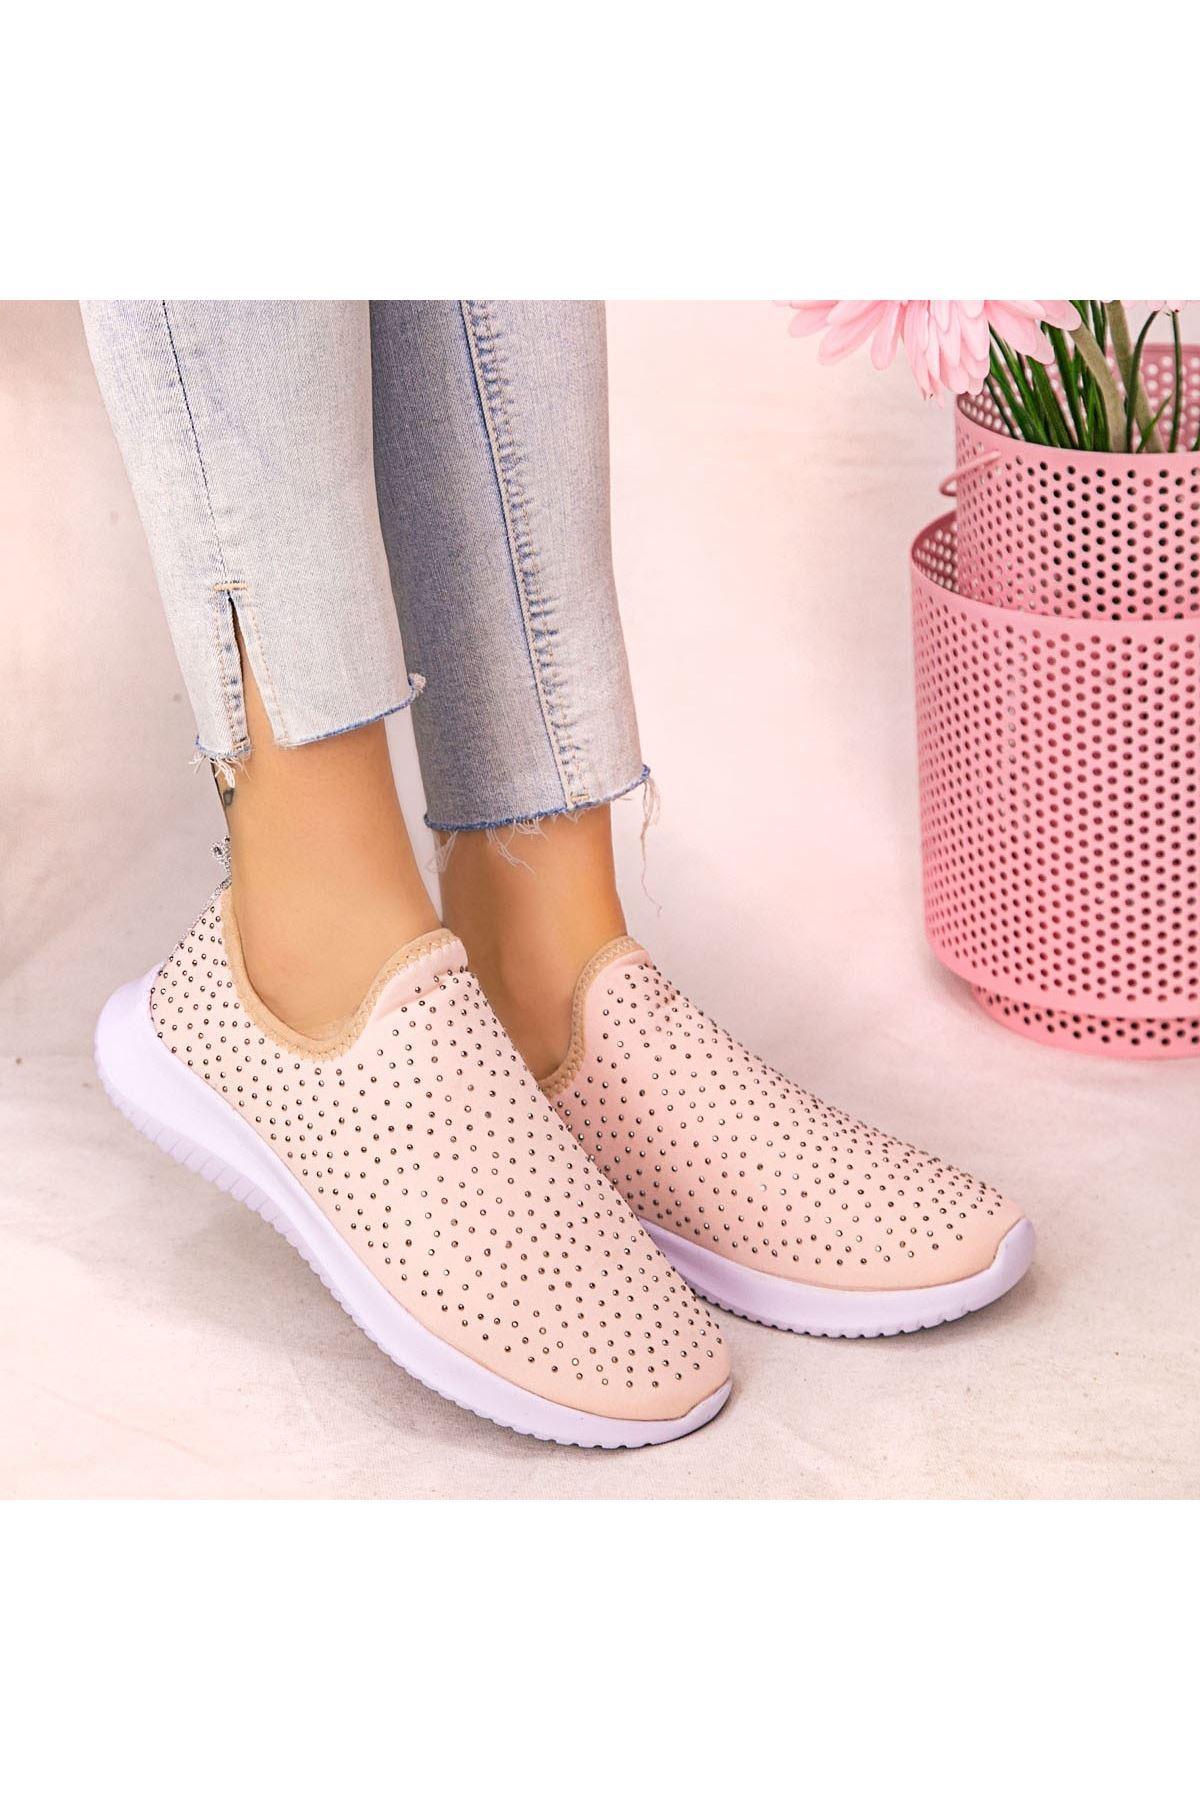 Stin Pudra Boncuk İşlemeli Spor Ayakkabı